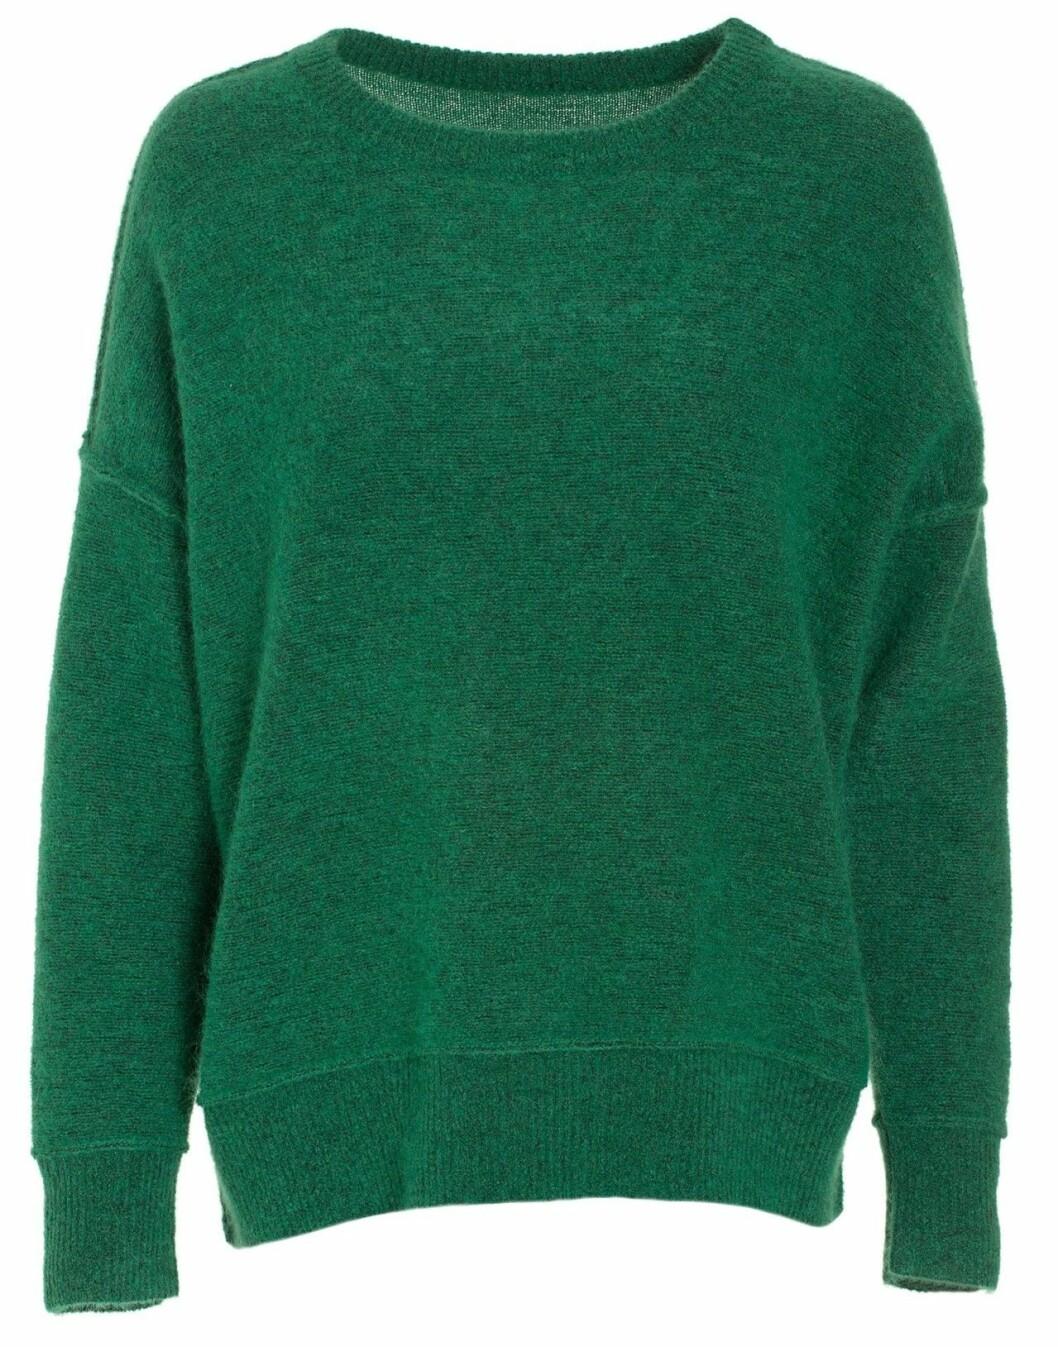 Grön stickad tröja 2018